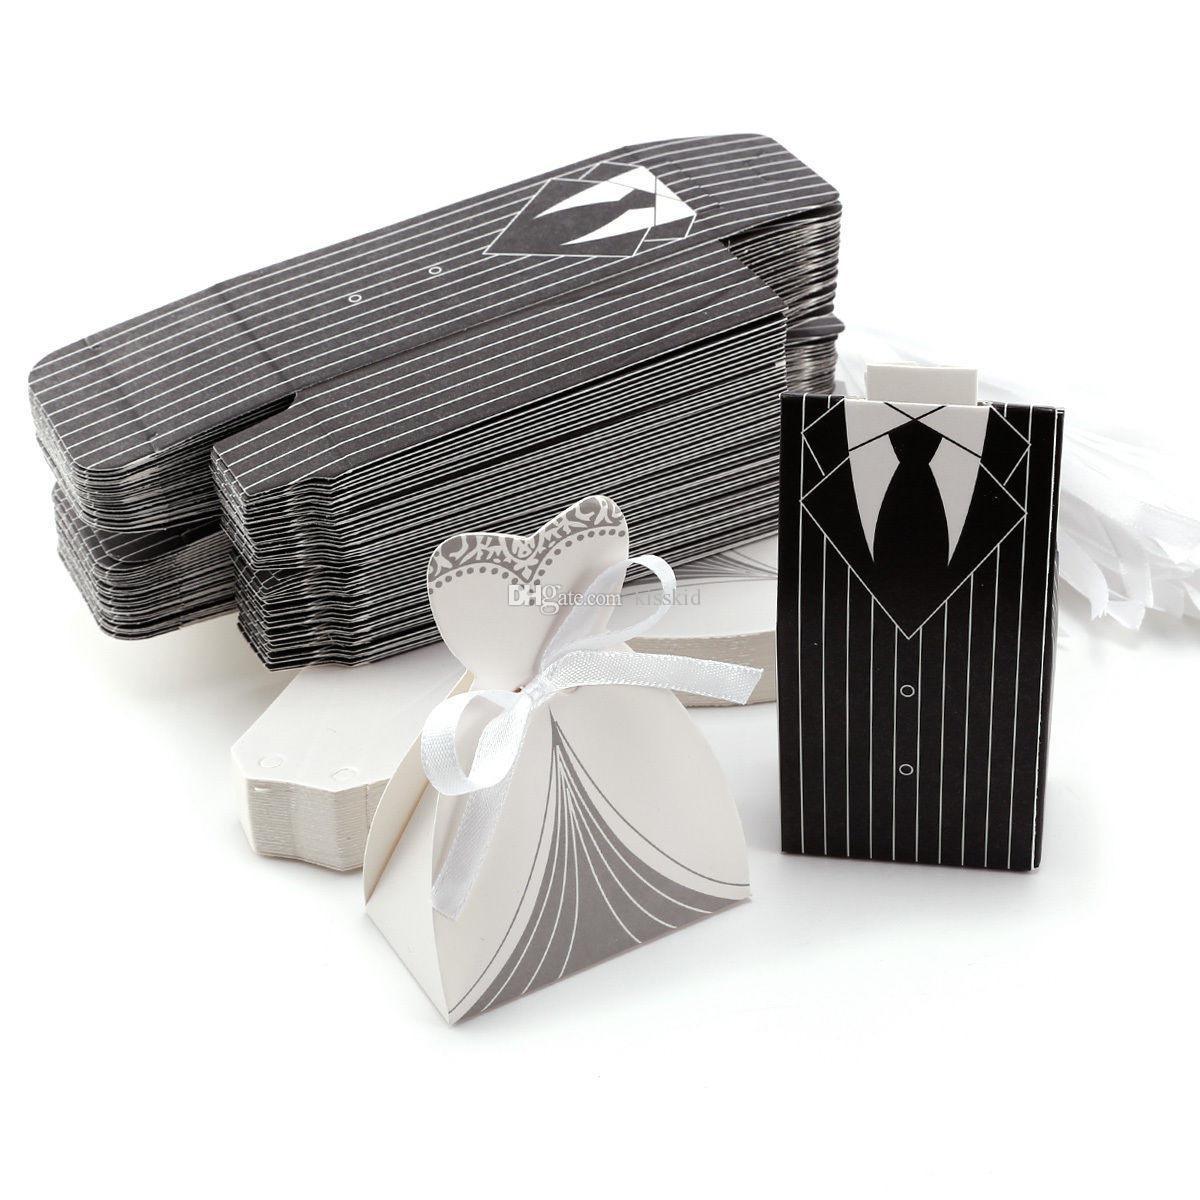 100 قطع مربعات الحلوى سهرة فستان العروس والعريس هدية كاندي صالح صندوق حفل زفاف لوازم شحن مجاني